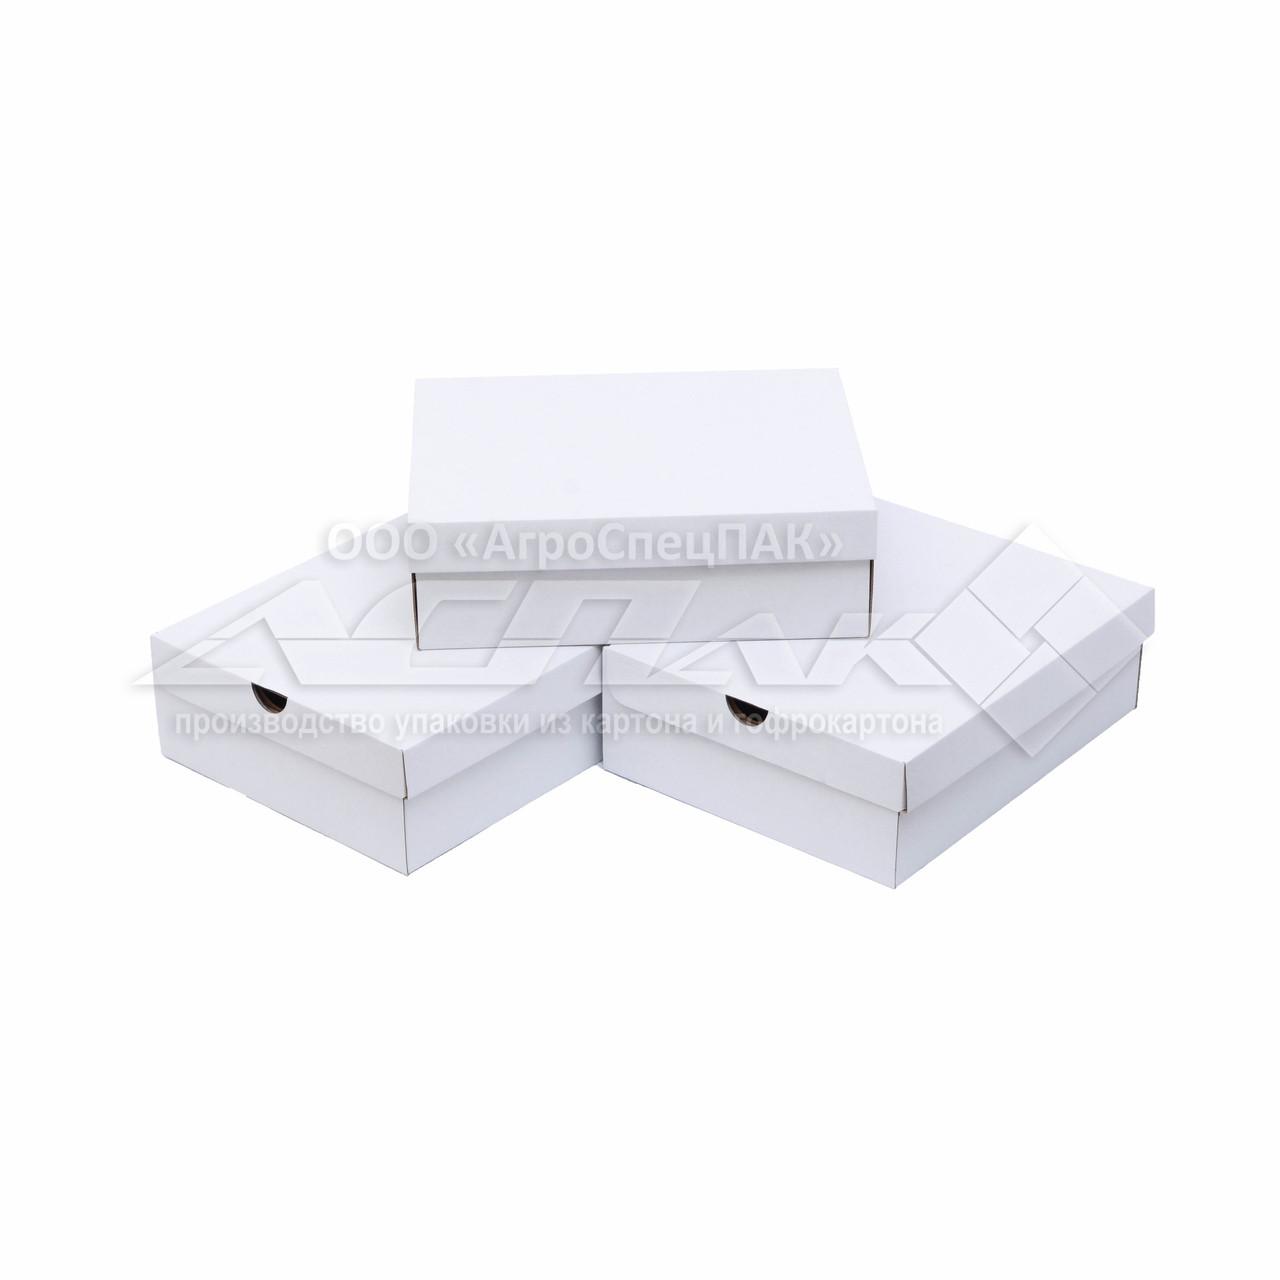 Обувная коробка 350x280x110 белая